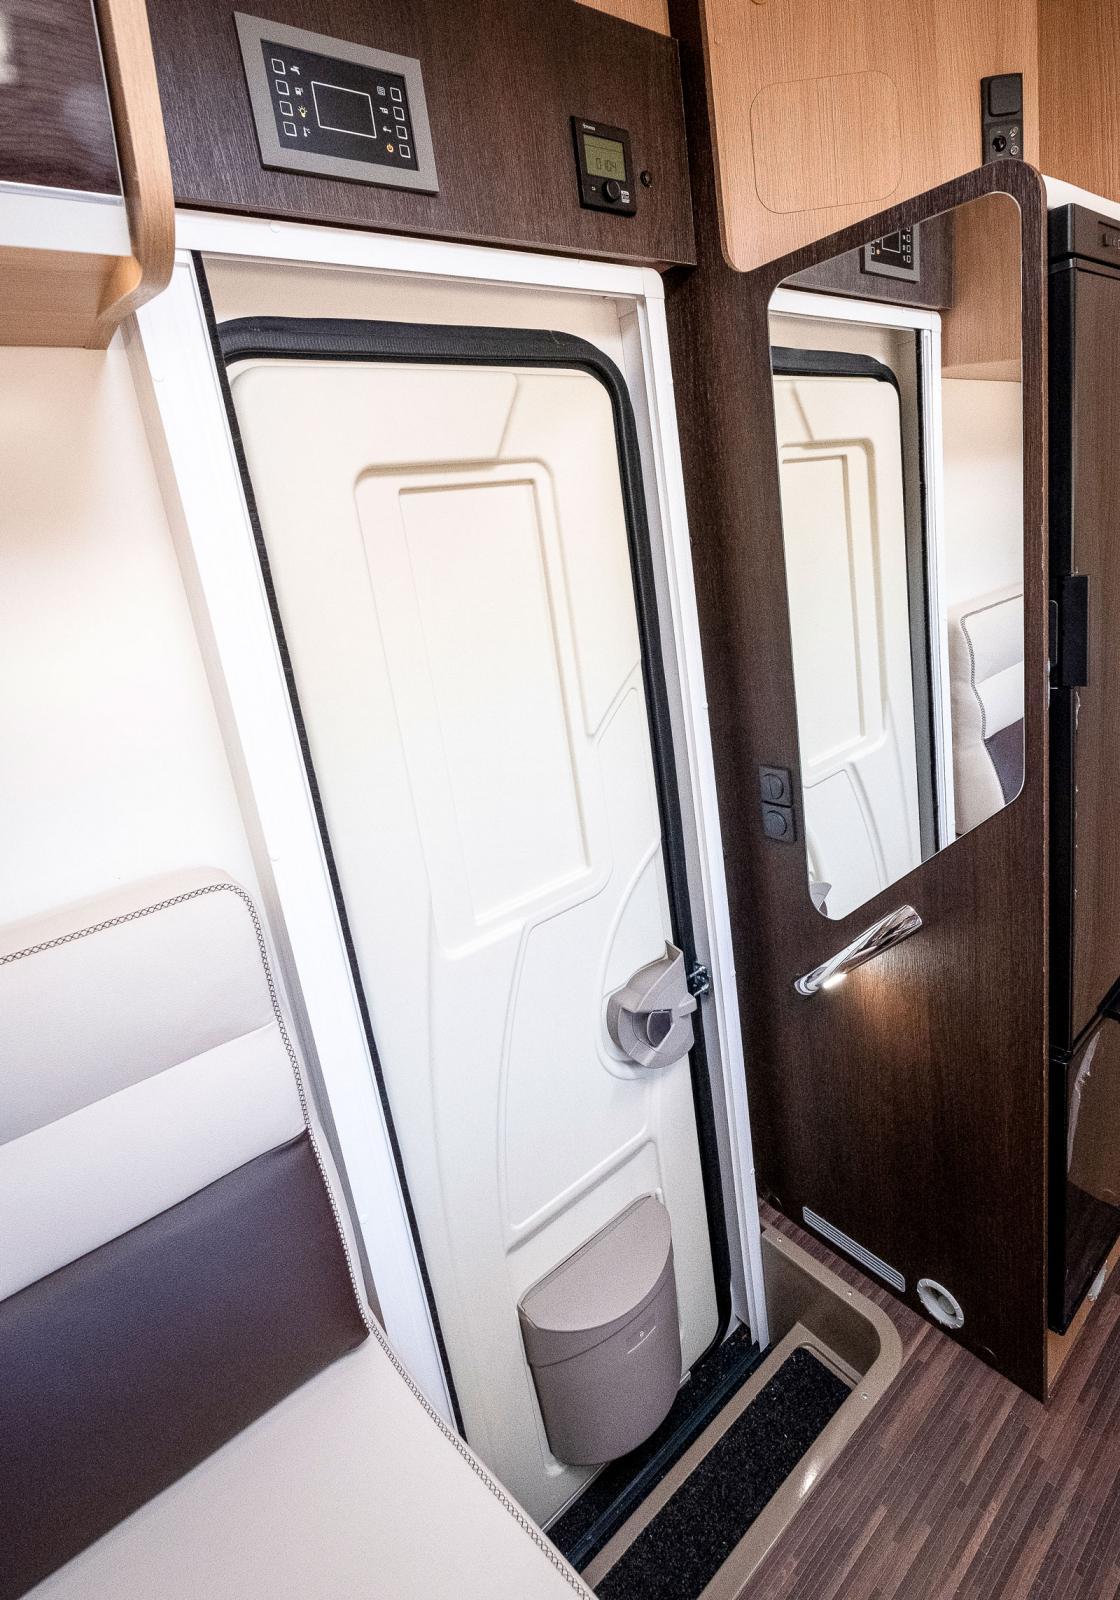 Bodelsdörren är bred och direkt innanför finns en spegel, det skulle vara bättre med lite lägre spegel med klädkrokar ovanför.